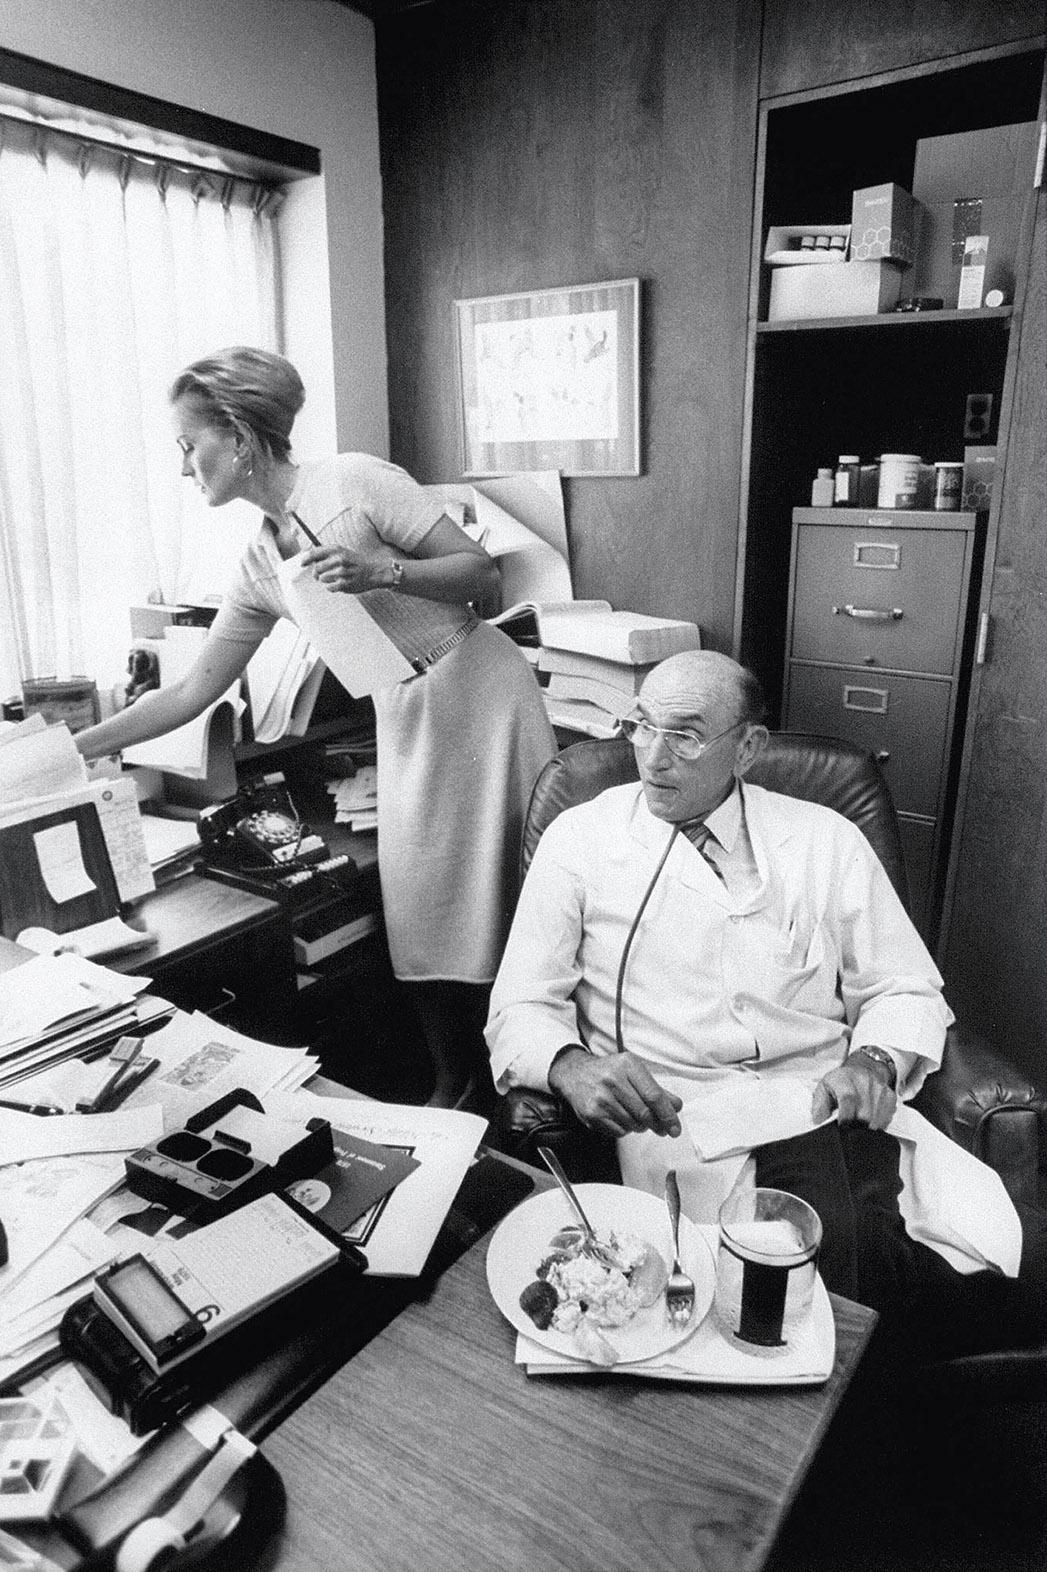 Bác sĩ Herman Tarnower và nữ trợ lý riêng, Lynne Tryforos tại phòng làm việc. Ảnh: The Hollywood Reporter